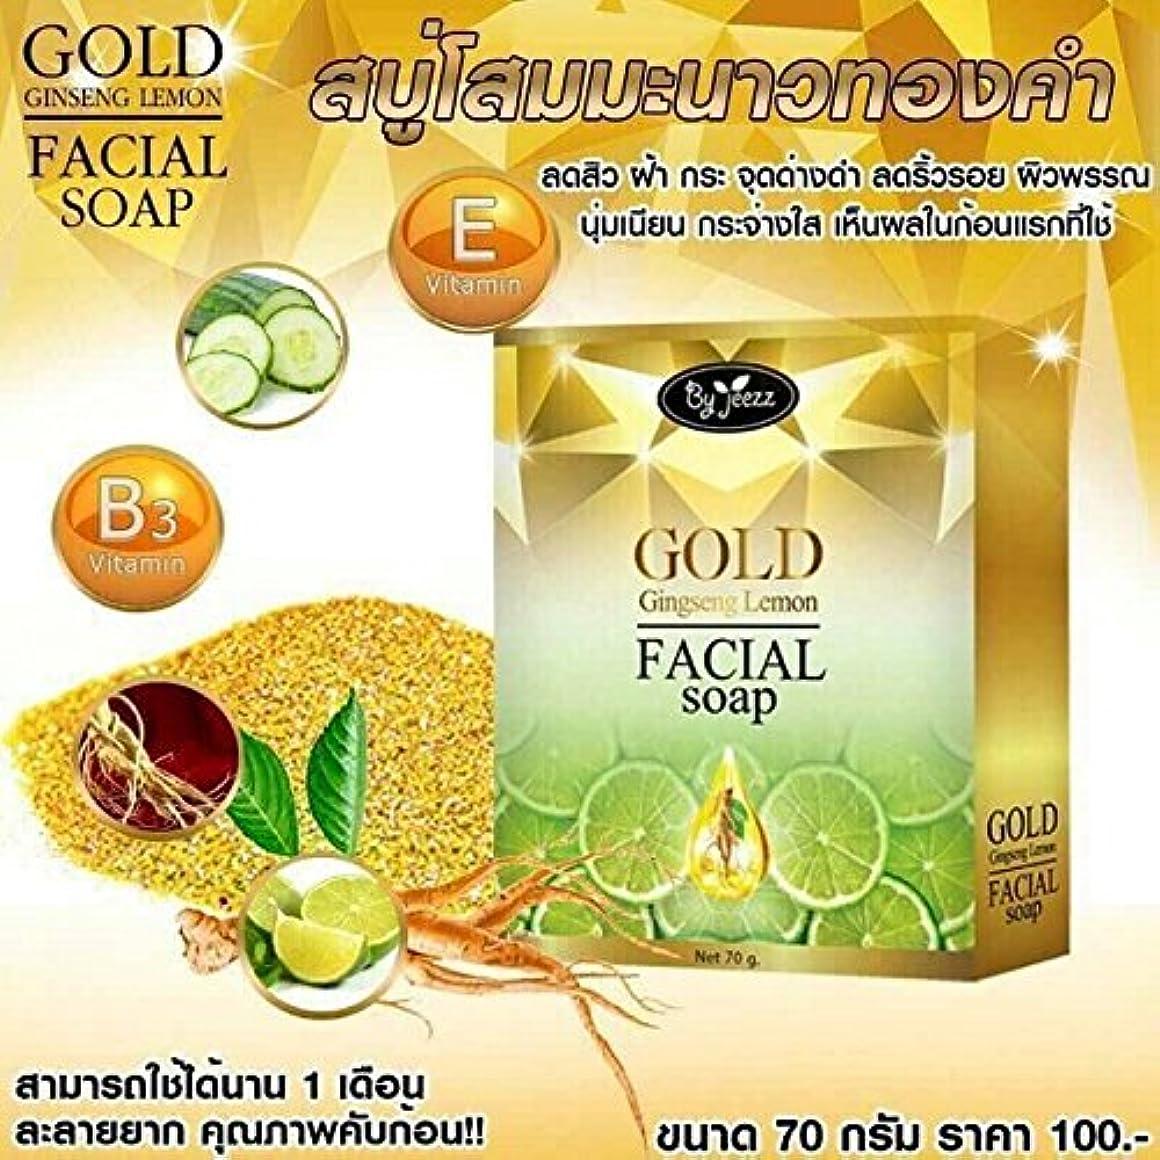 契約した暴行カール1 X Natural Herbal Whitening Soap. Ginseng Lemon Soap (Gold Ginseng Lemon Facial Soap by jeezz) 70 g. Free shipping